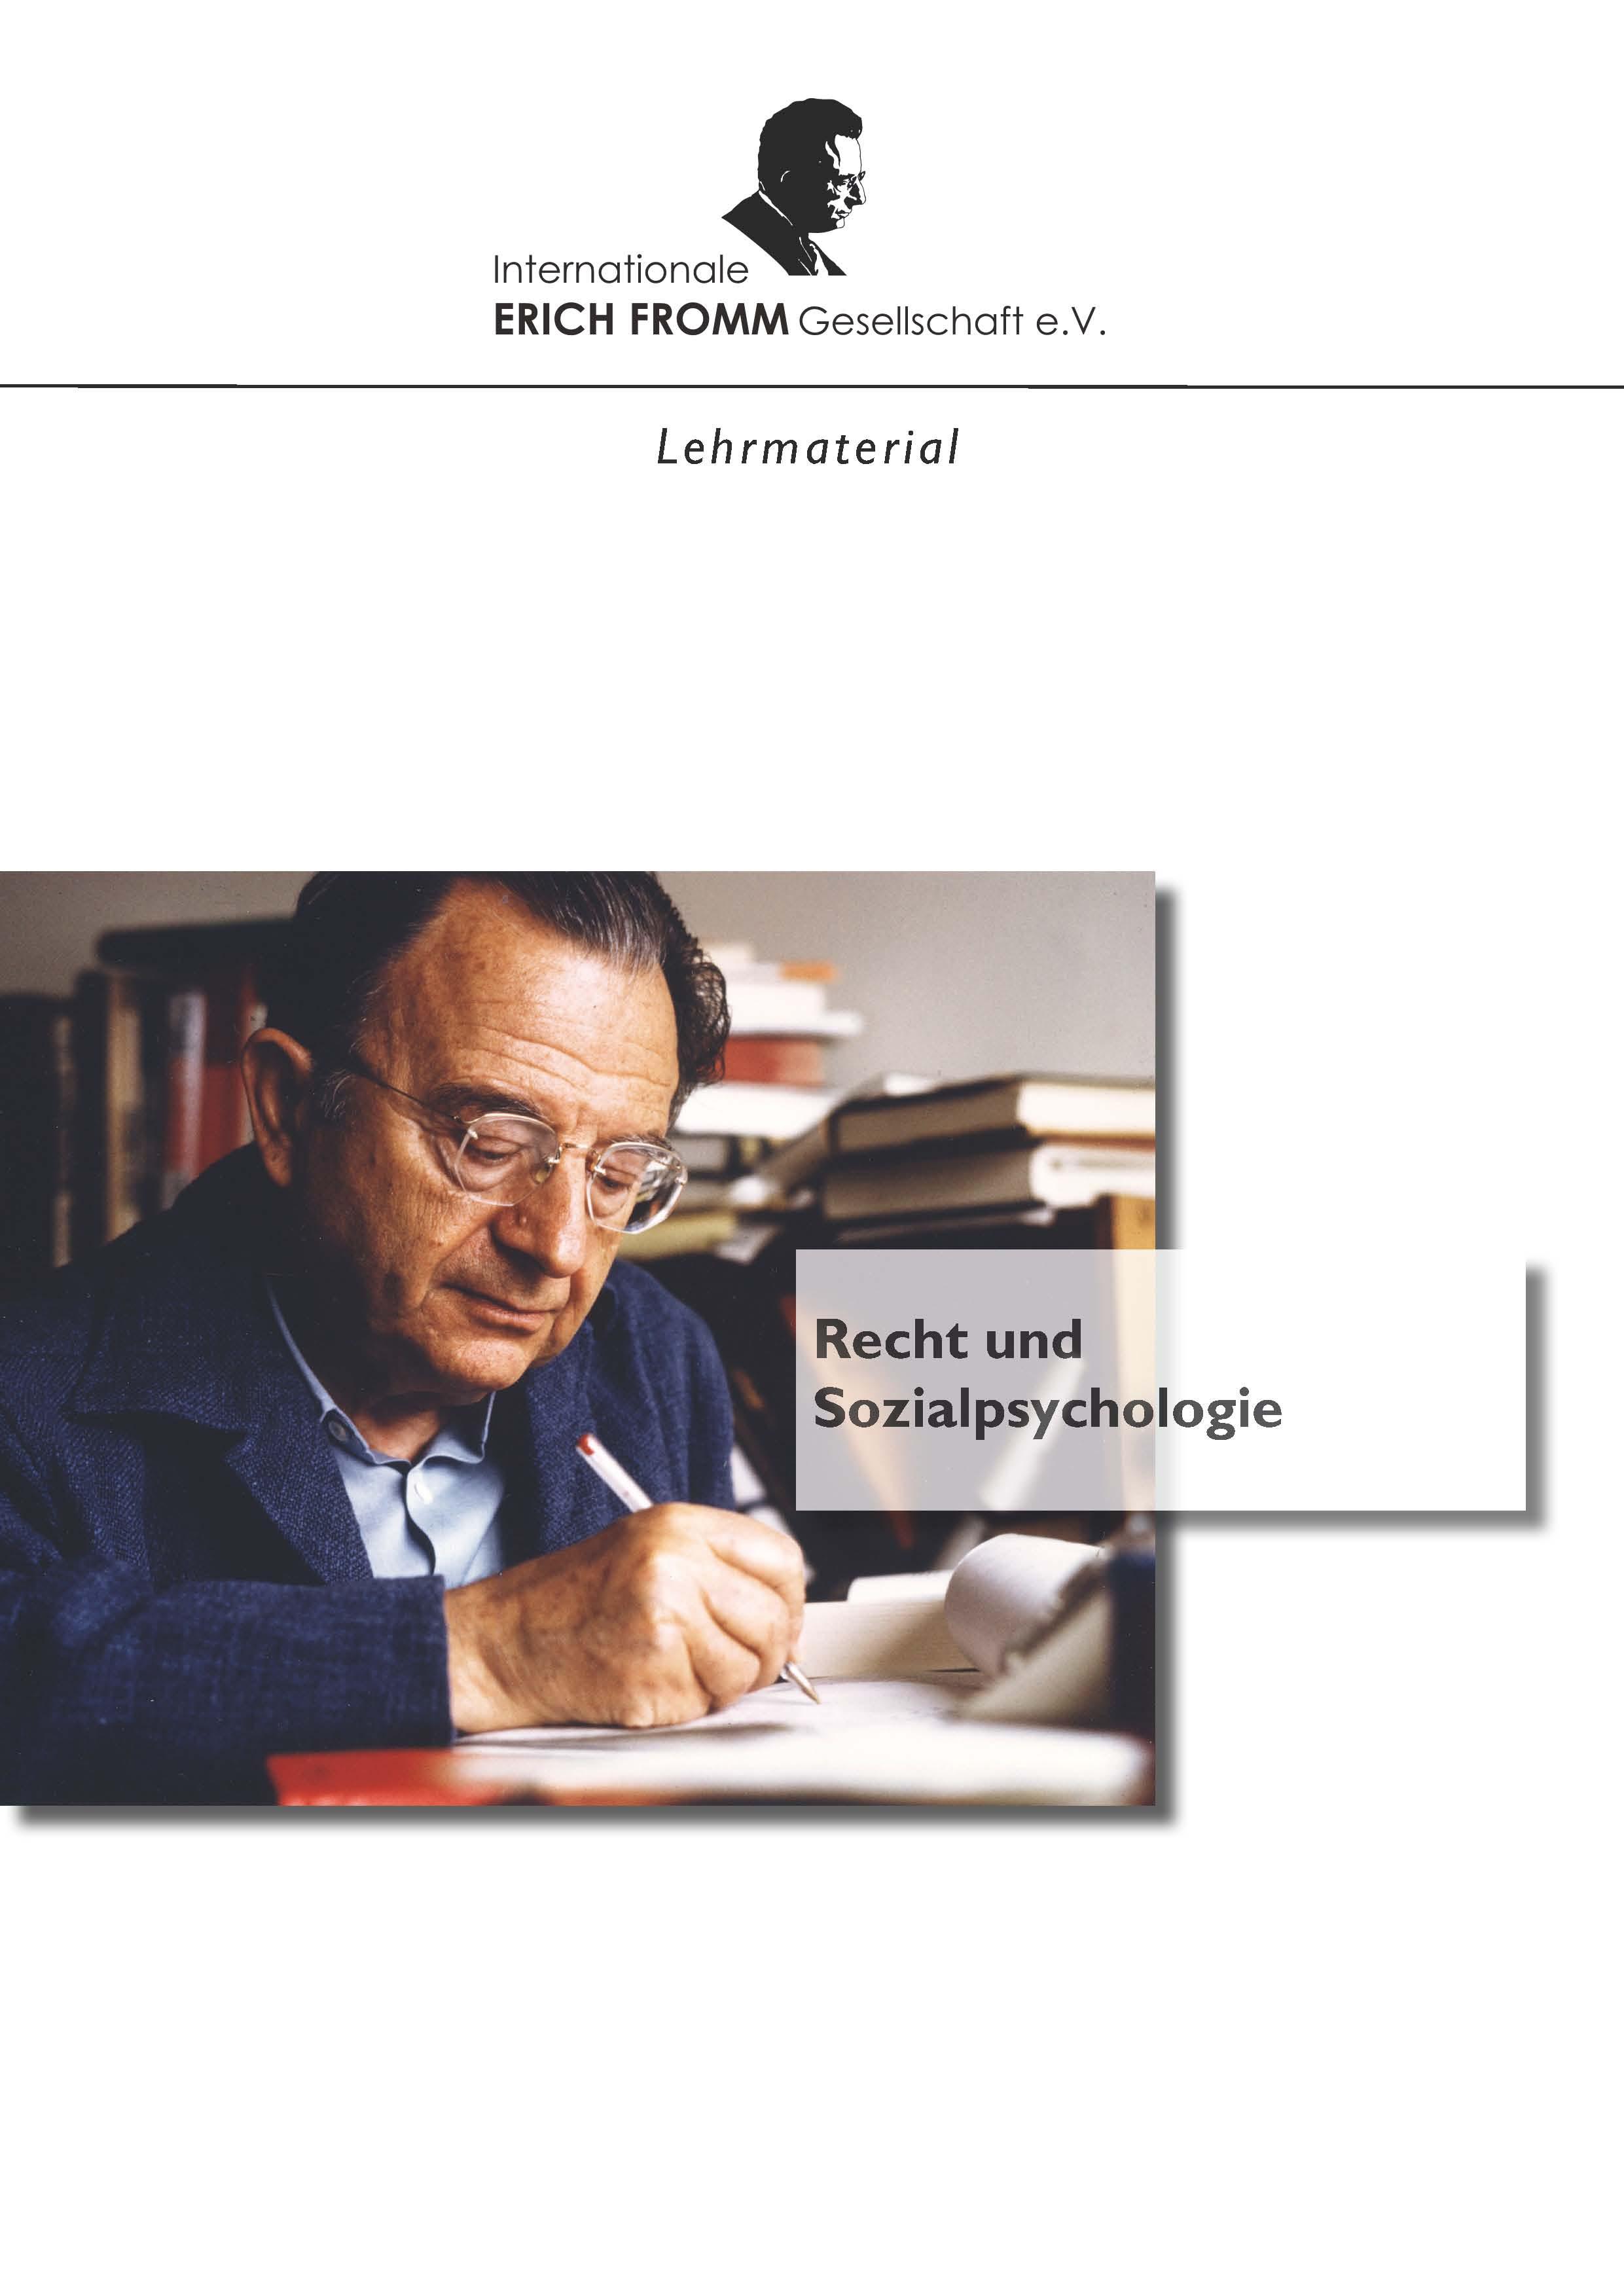 Recht und Sozialpsychologie (PDF)